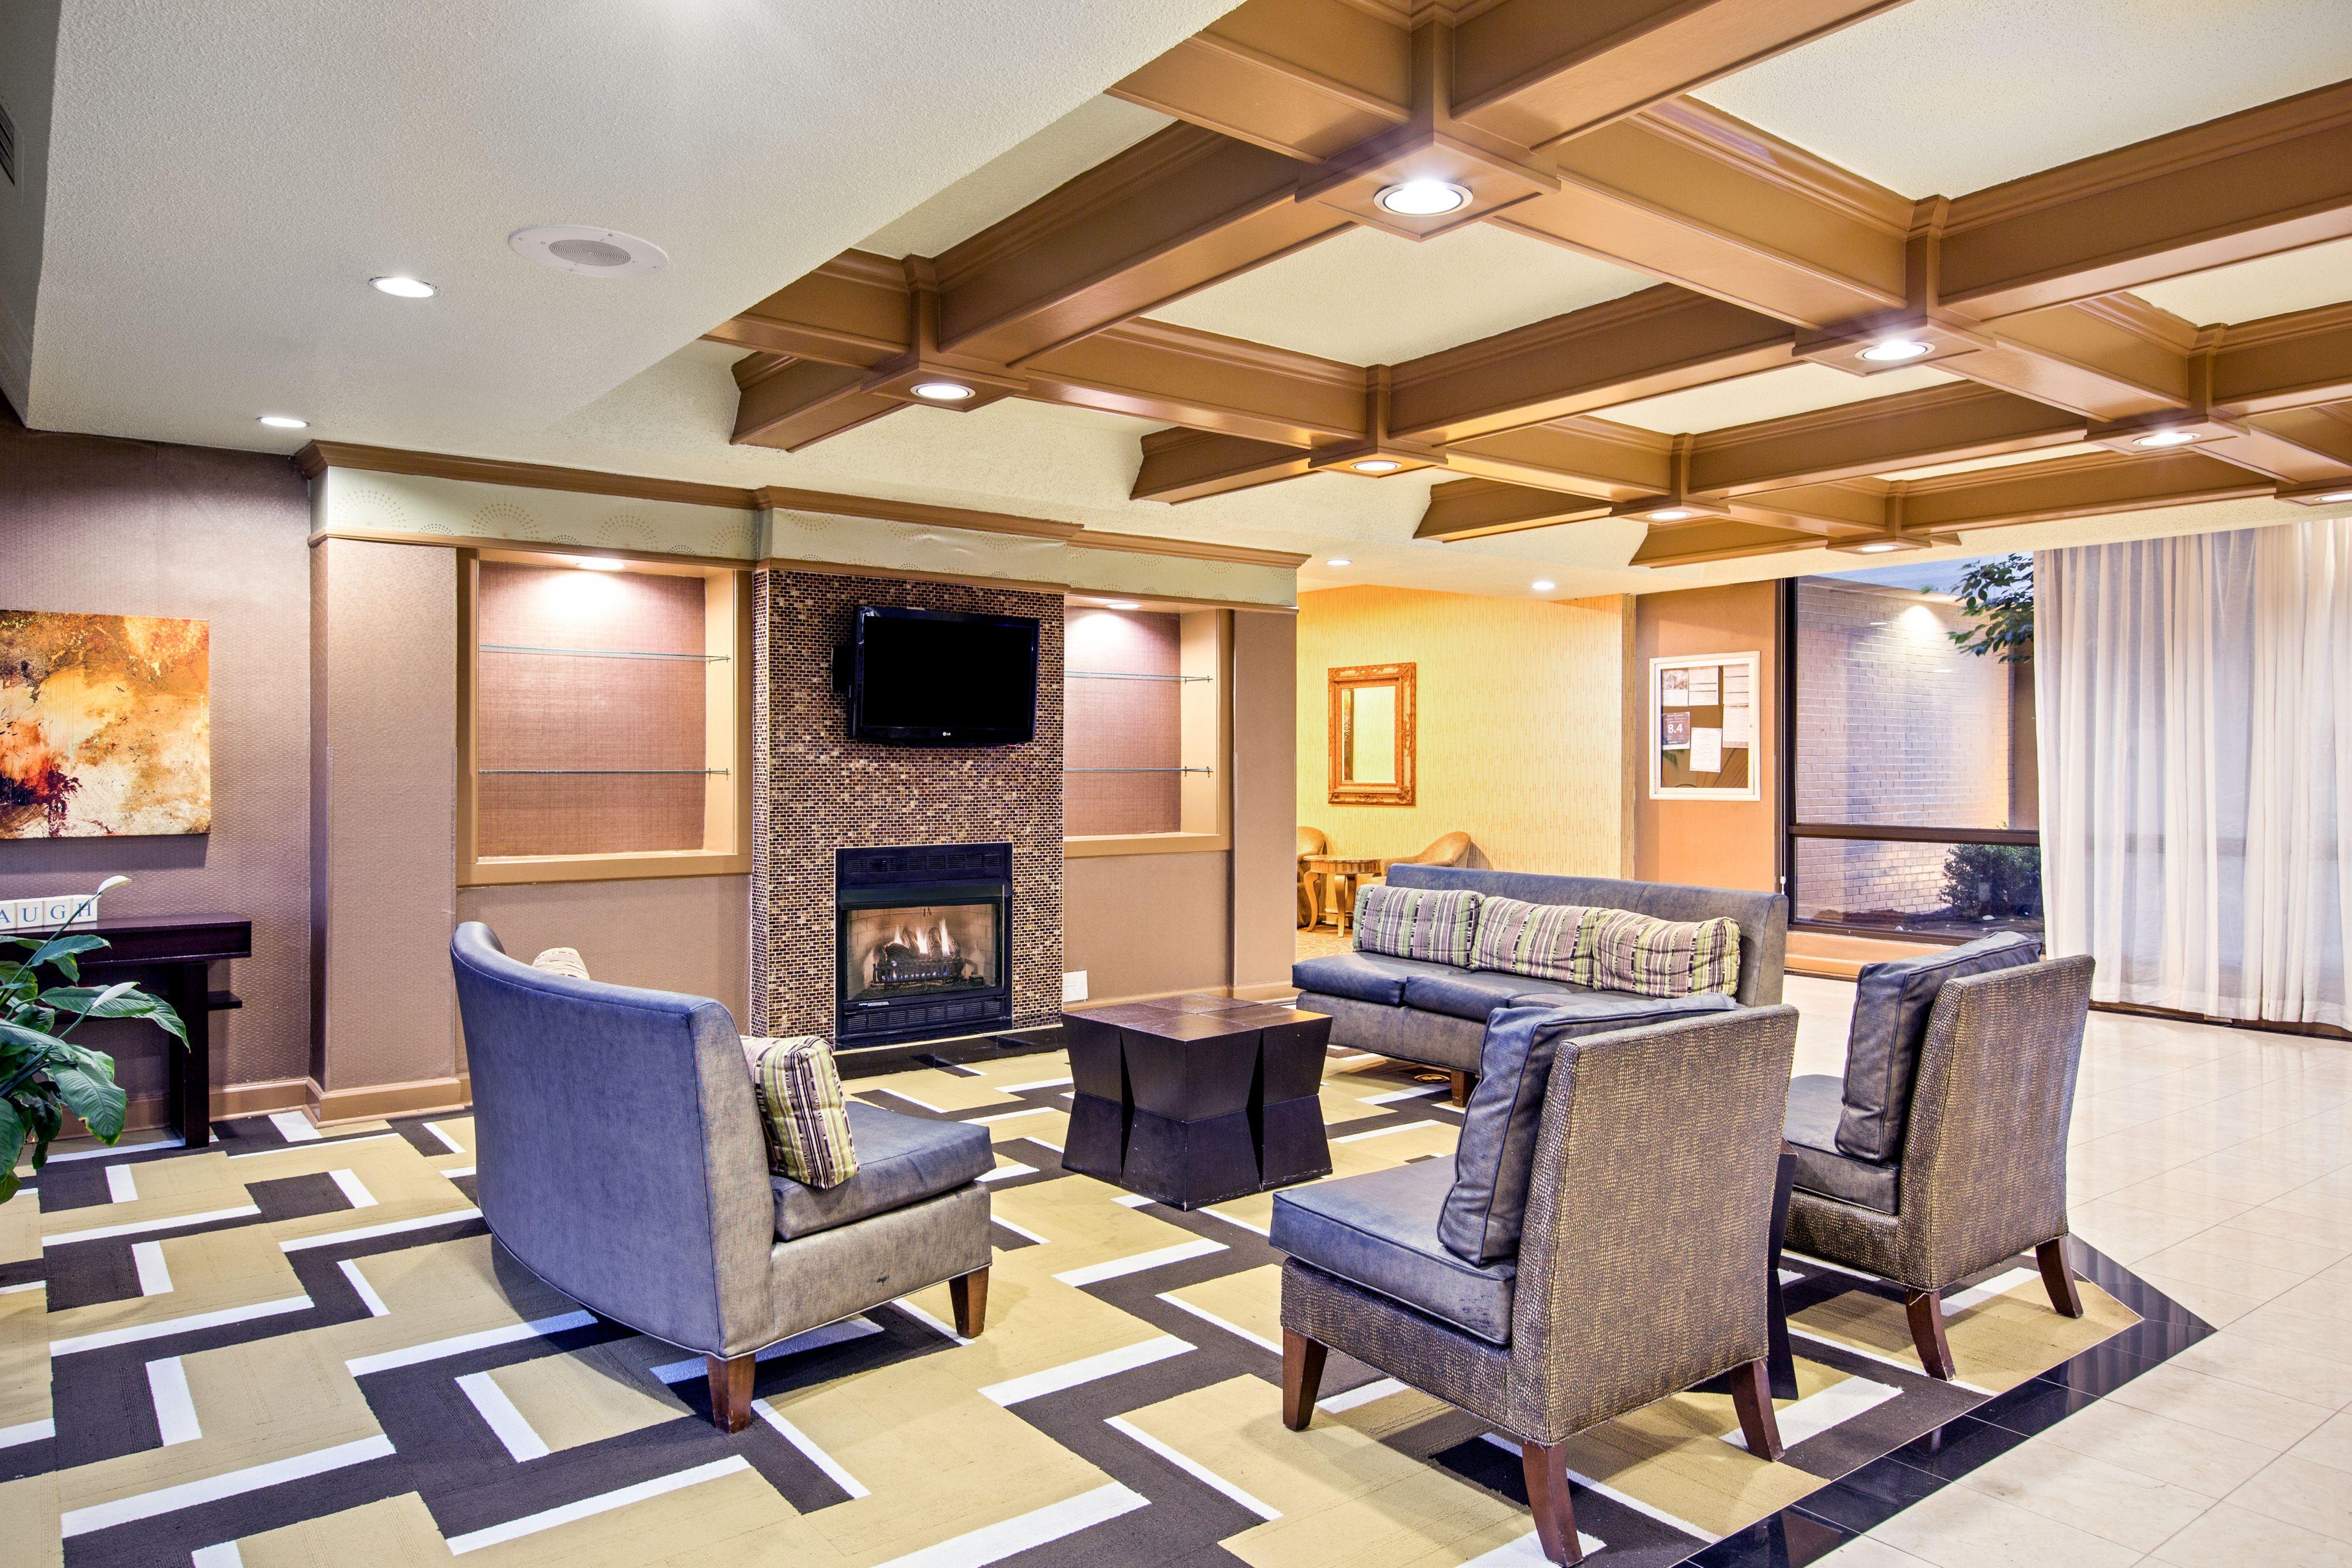 Holiday Inn Roanoke-Tanglewood-Rt 419&I581 image 4